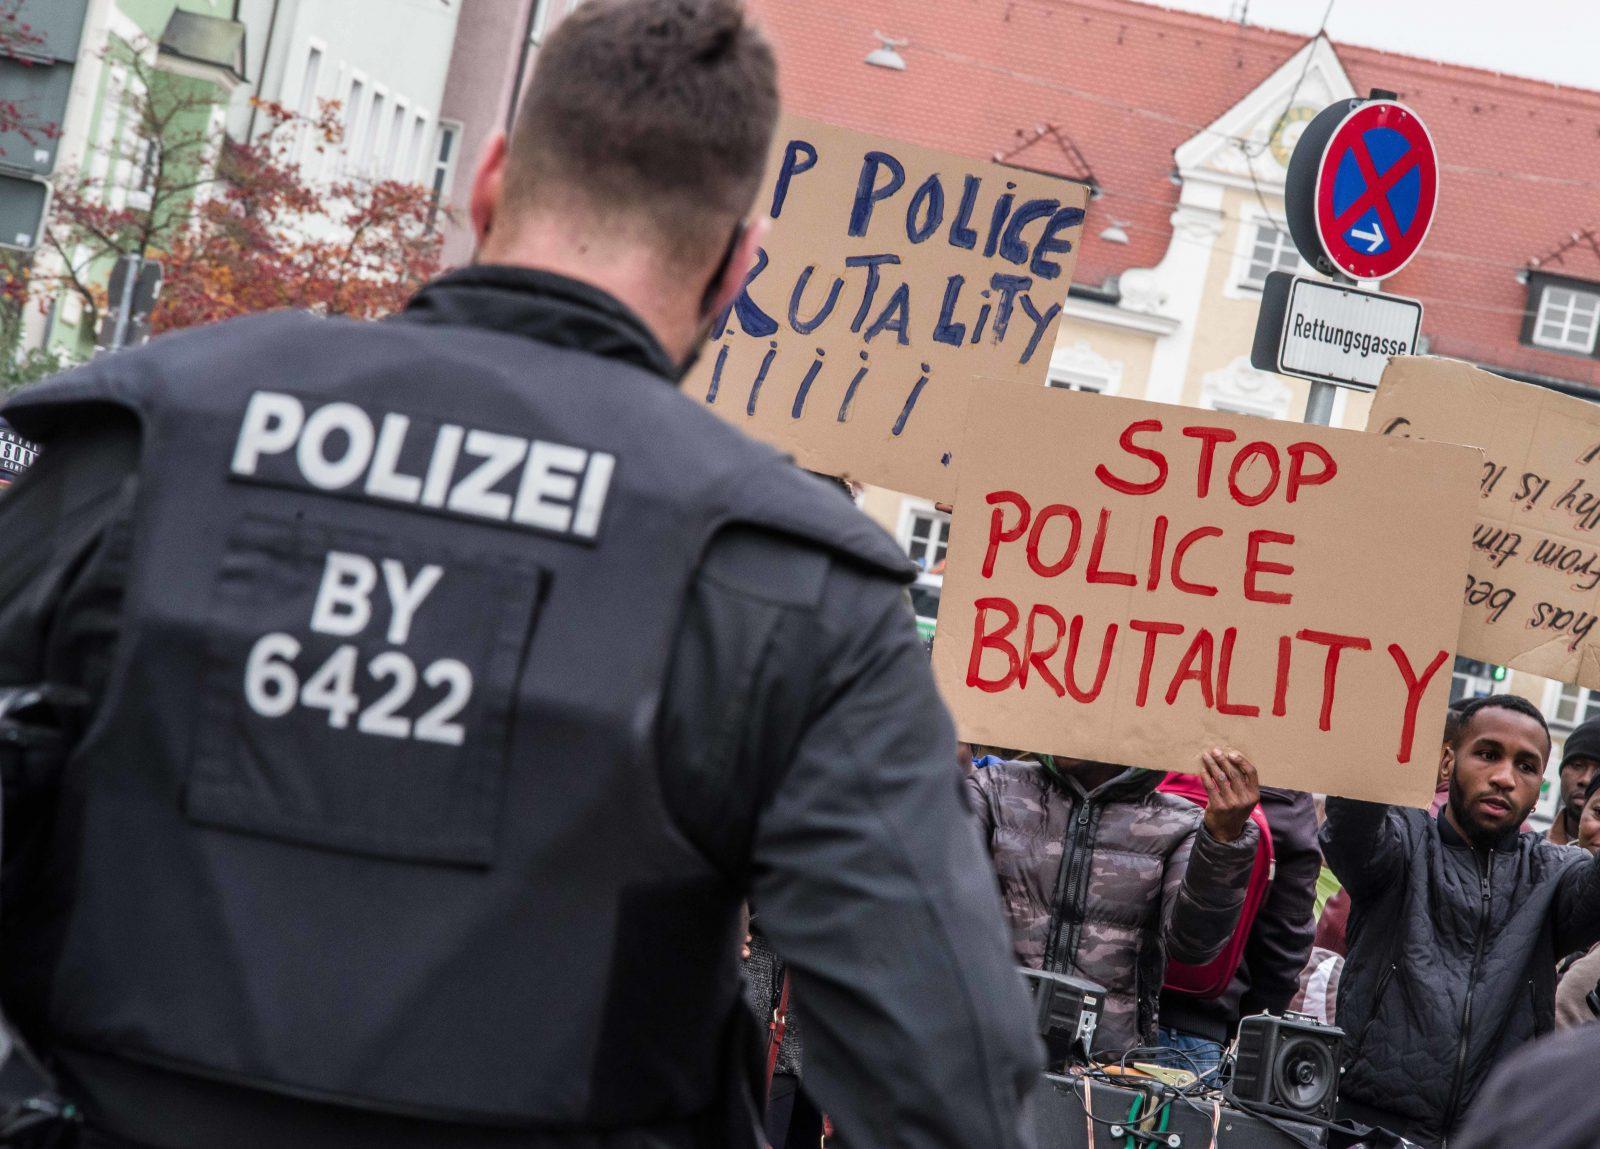 Gewohnte Konfliktsituation zwischen Polizist und Asylbewerbern während einer Demonstration (Archivbild) Foto: picture alliance/ZUMA Press